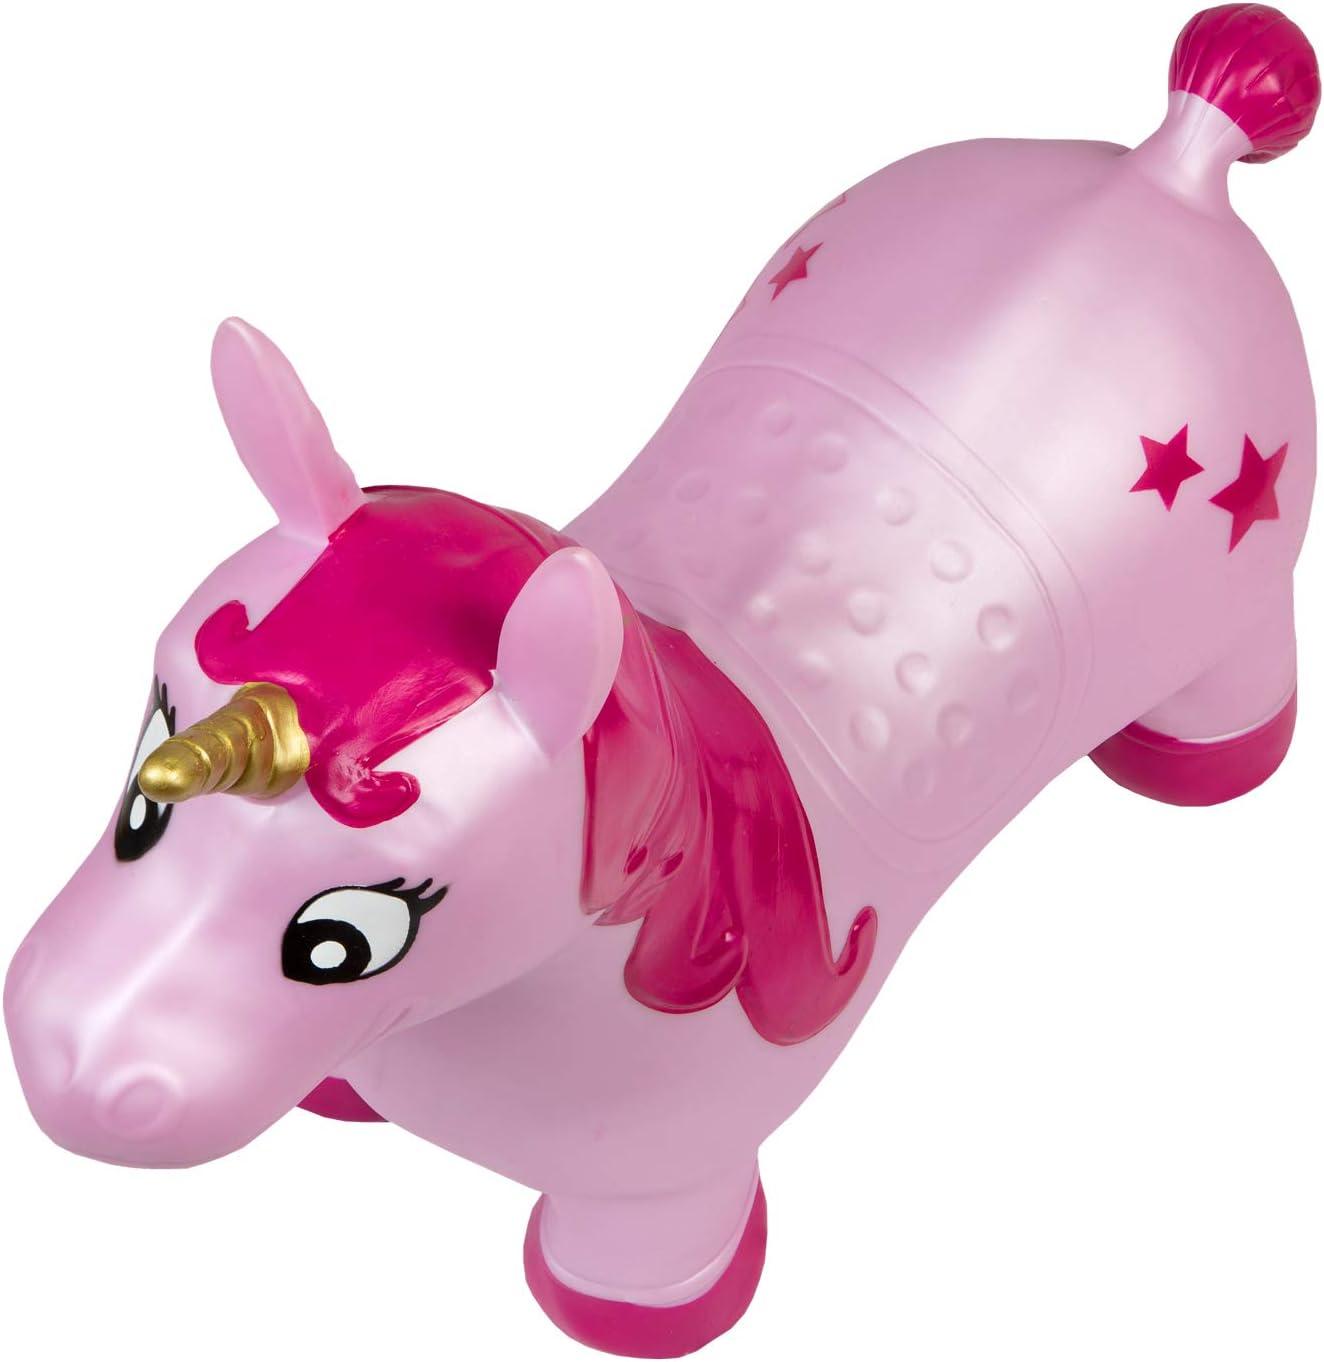 59 x 23 x 53 cm ca al parco o allasilo Idena 40133 pompa inclusa perfetto per interni ed esterni Cavallo da salto a forma di unicorno rosa con stelle multicolore portata fino a 50 kg